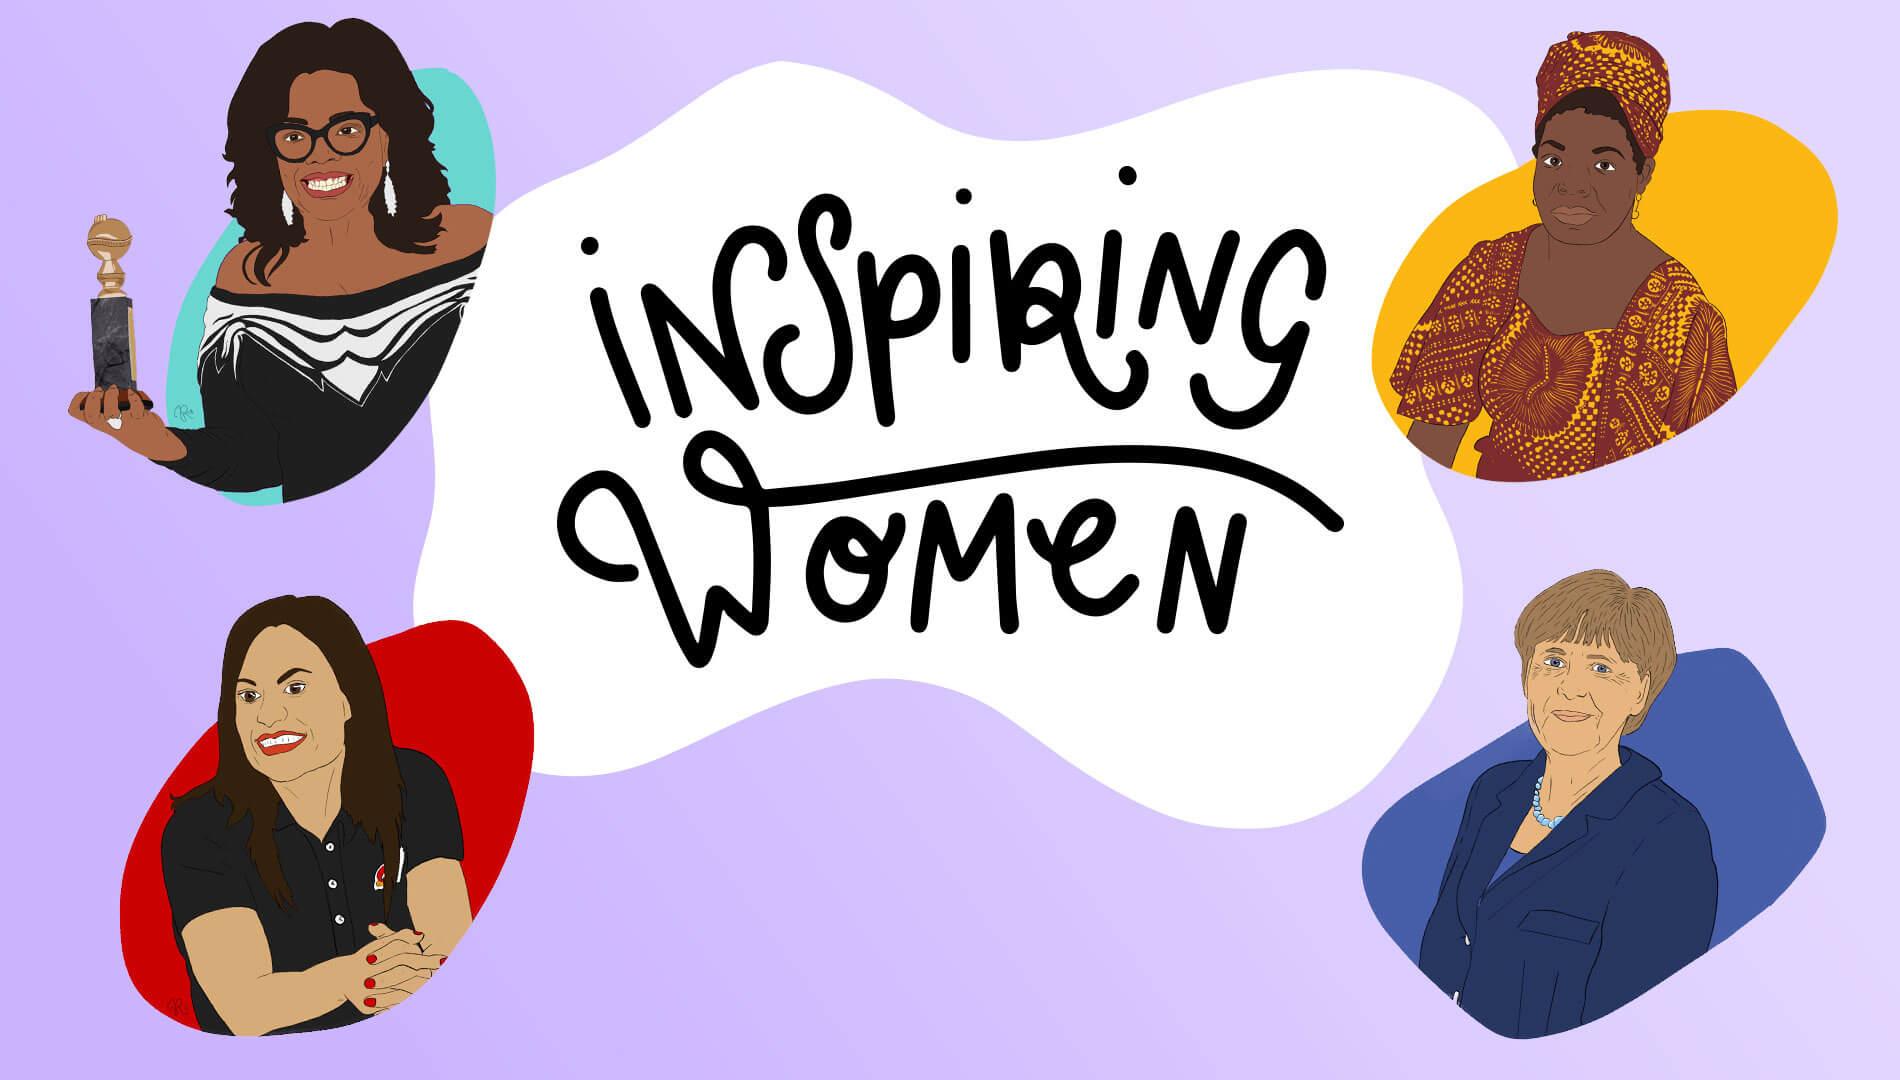 Inspiring Women by Jessica Ringelstein